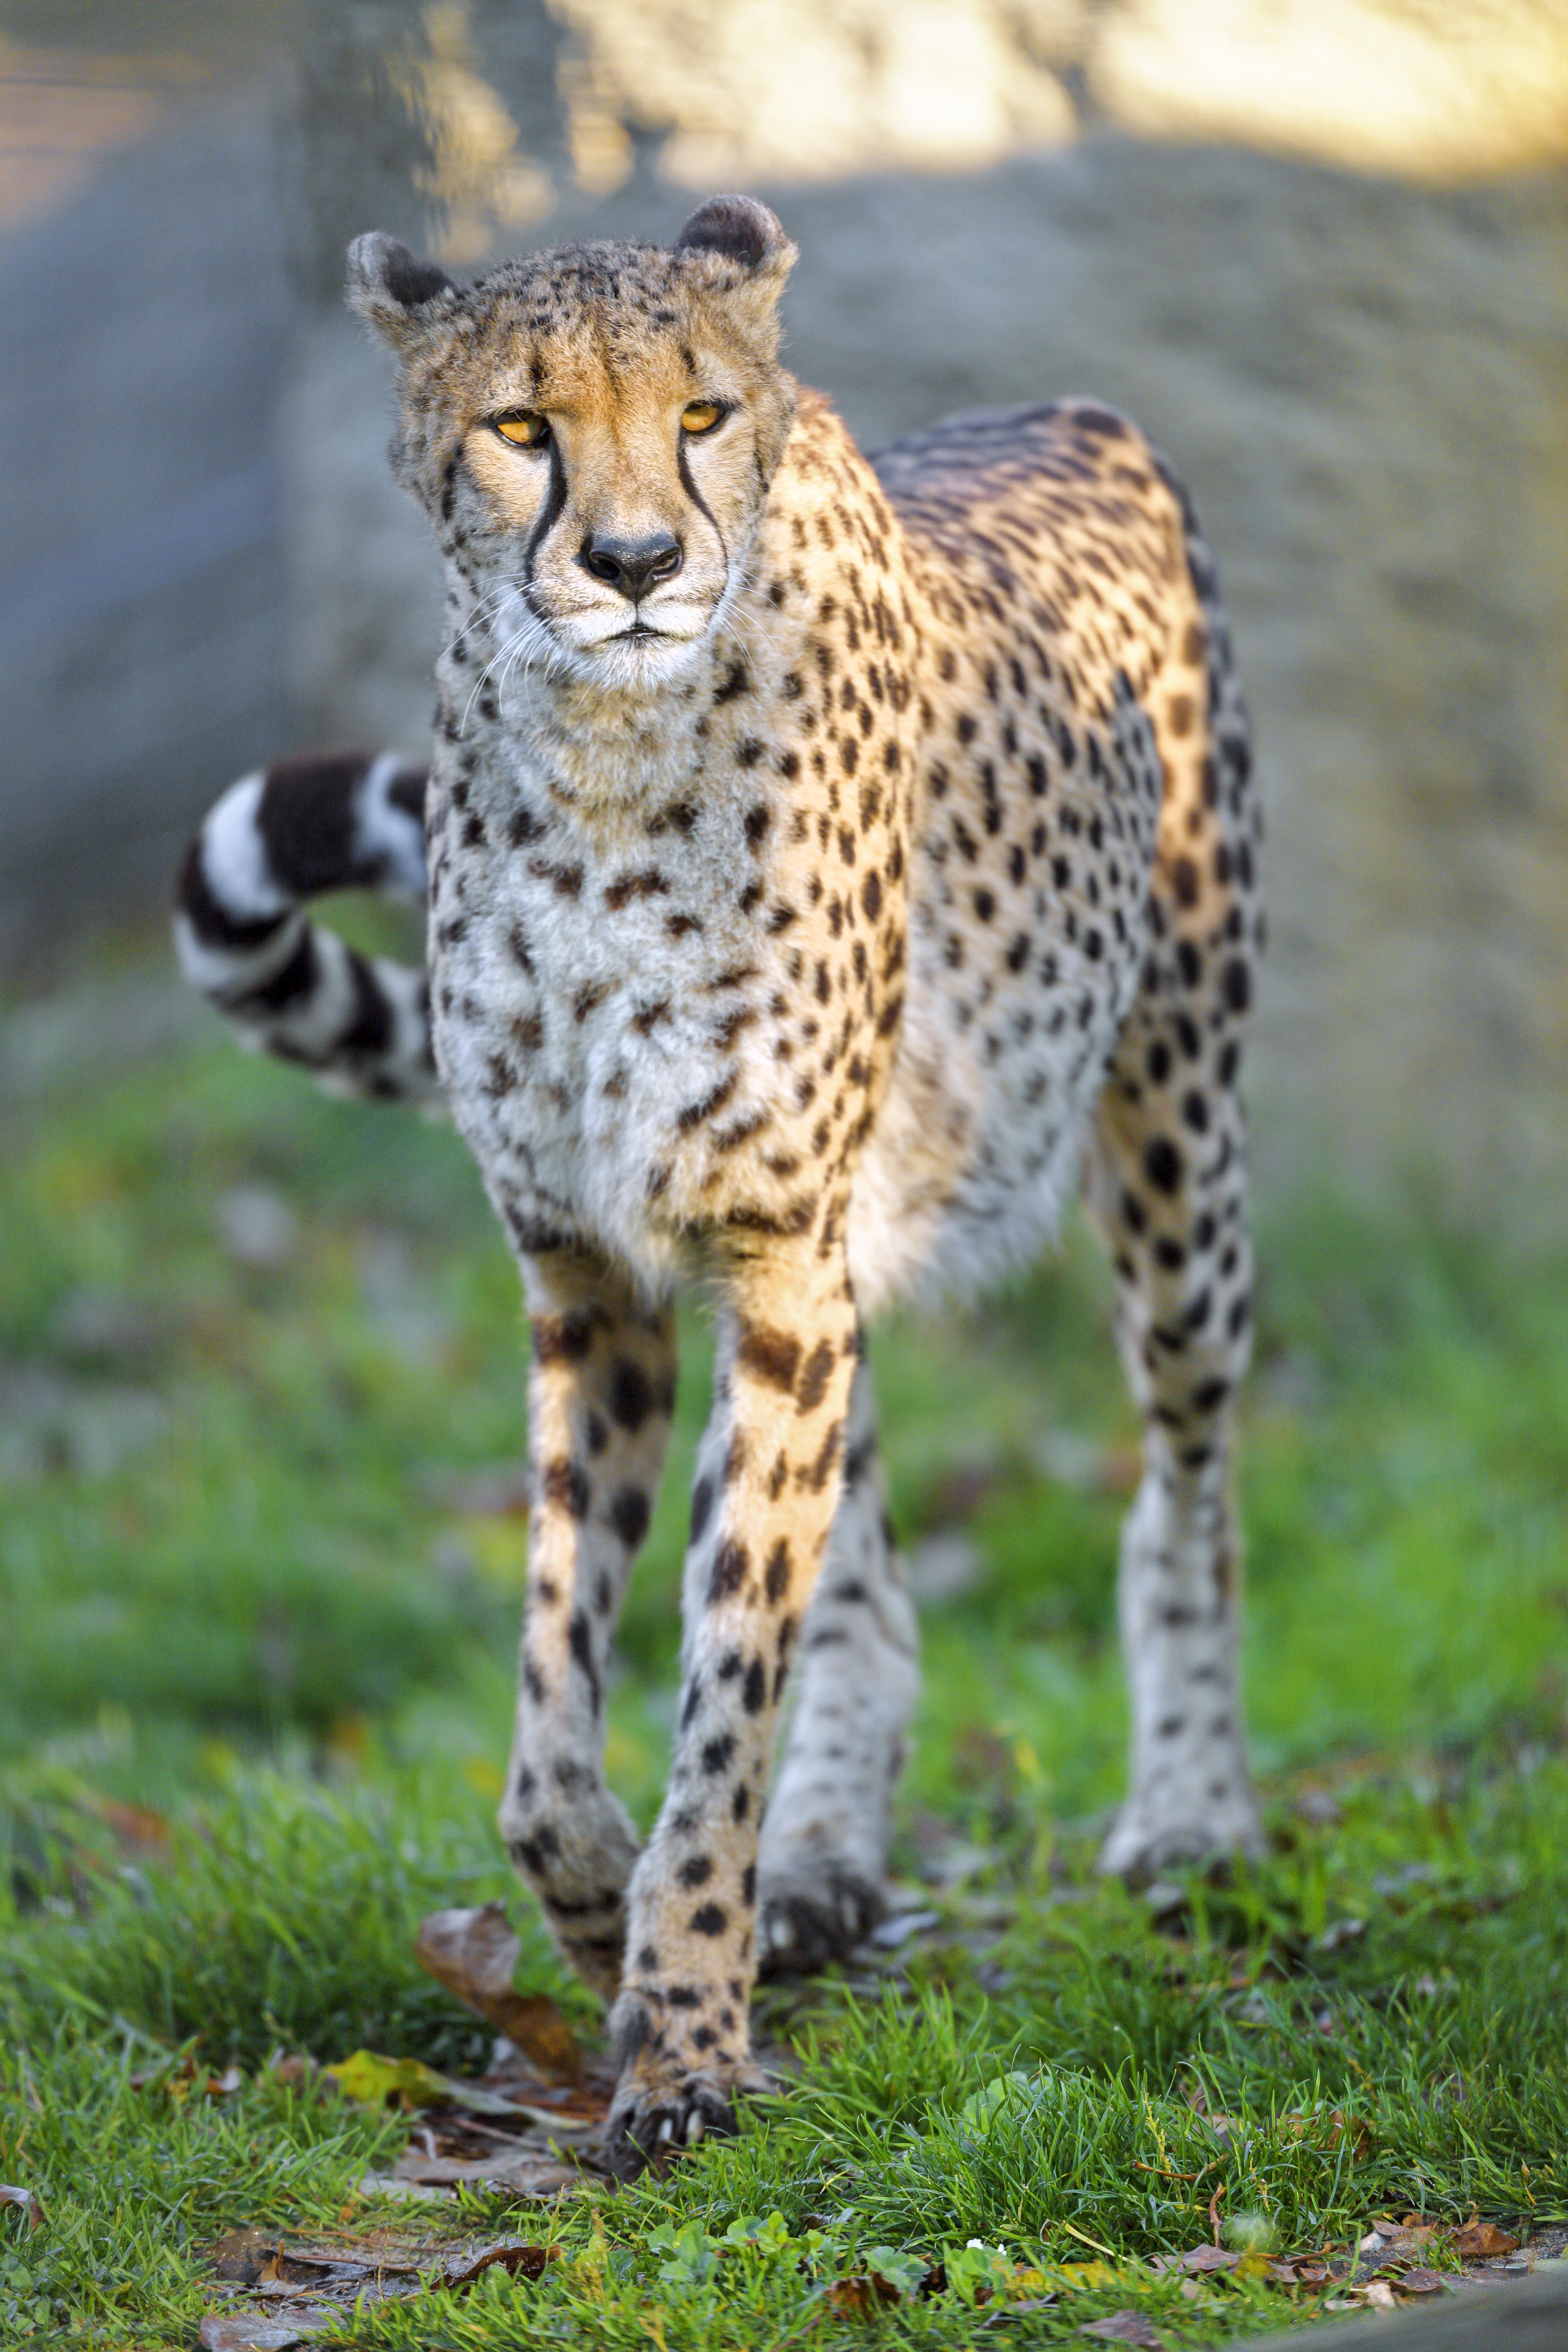 109560 скачать обои Животные, Гепард, Большая Кошка, Хищник, Животное, Дикая Природа - заставки и картинки бесплатно